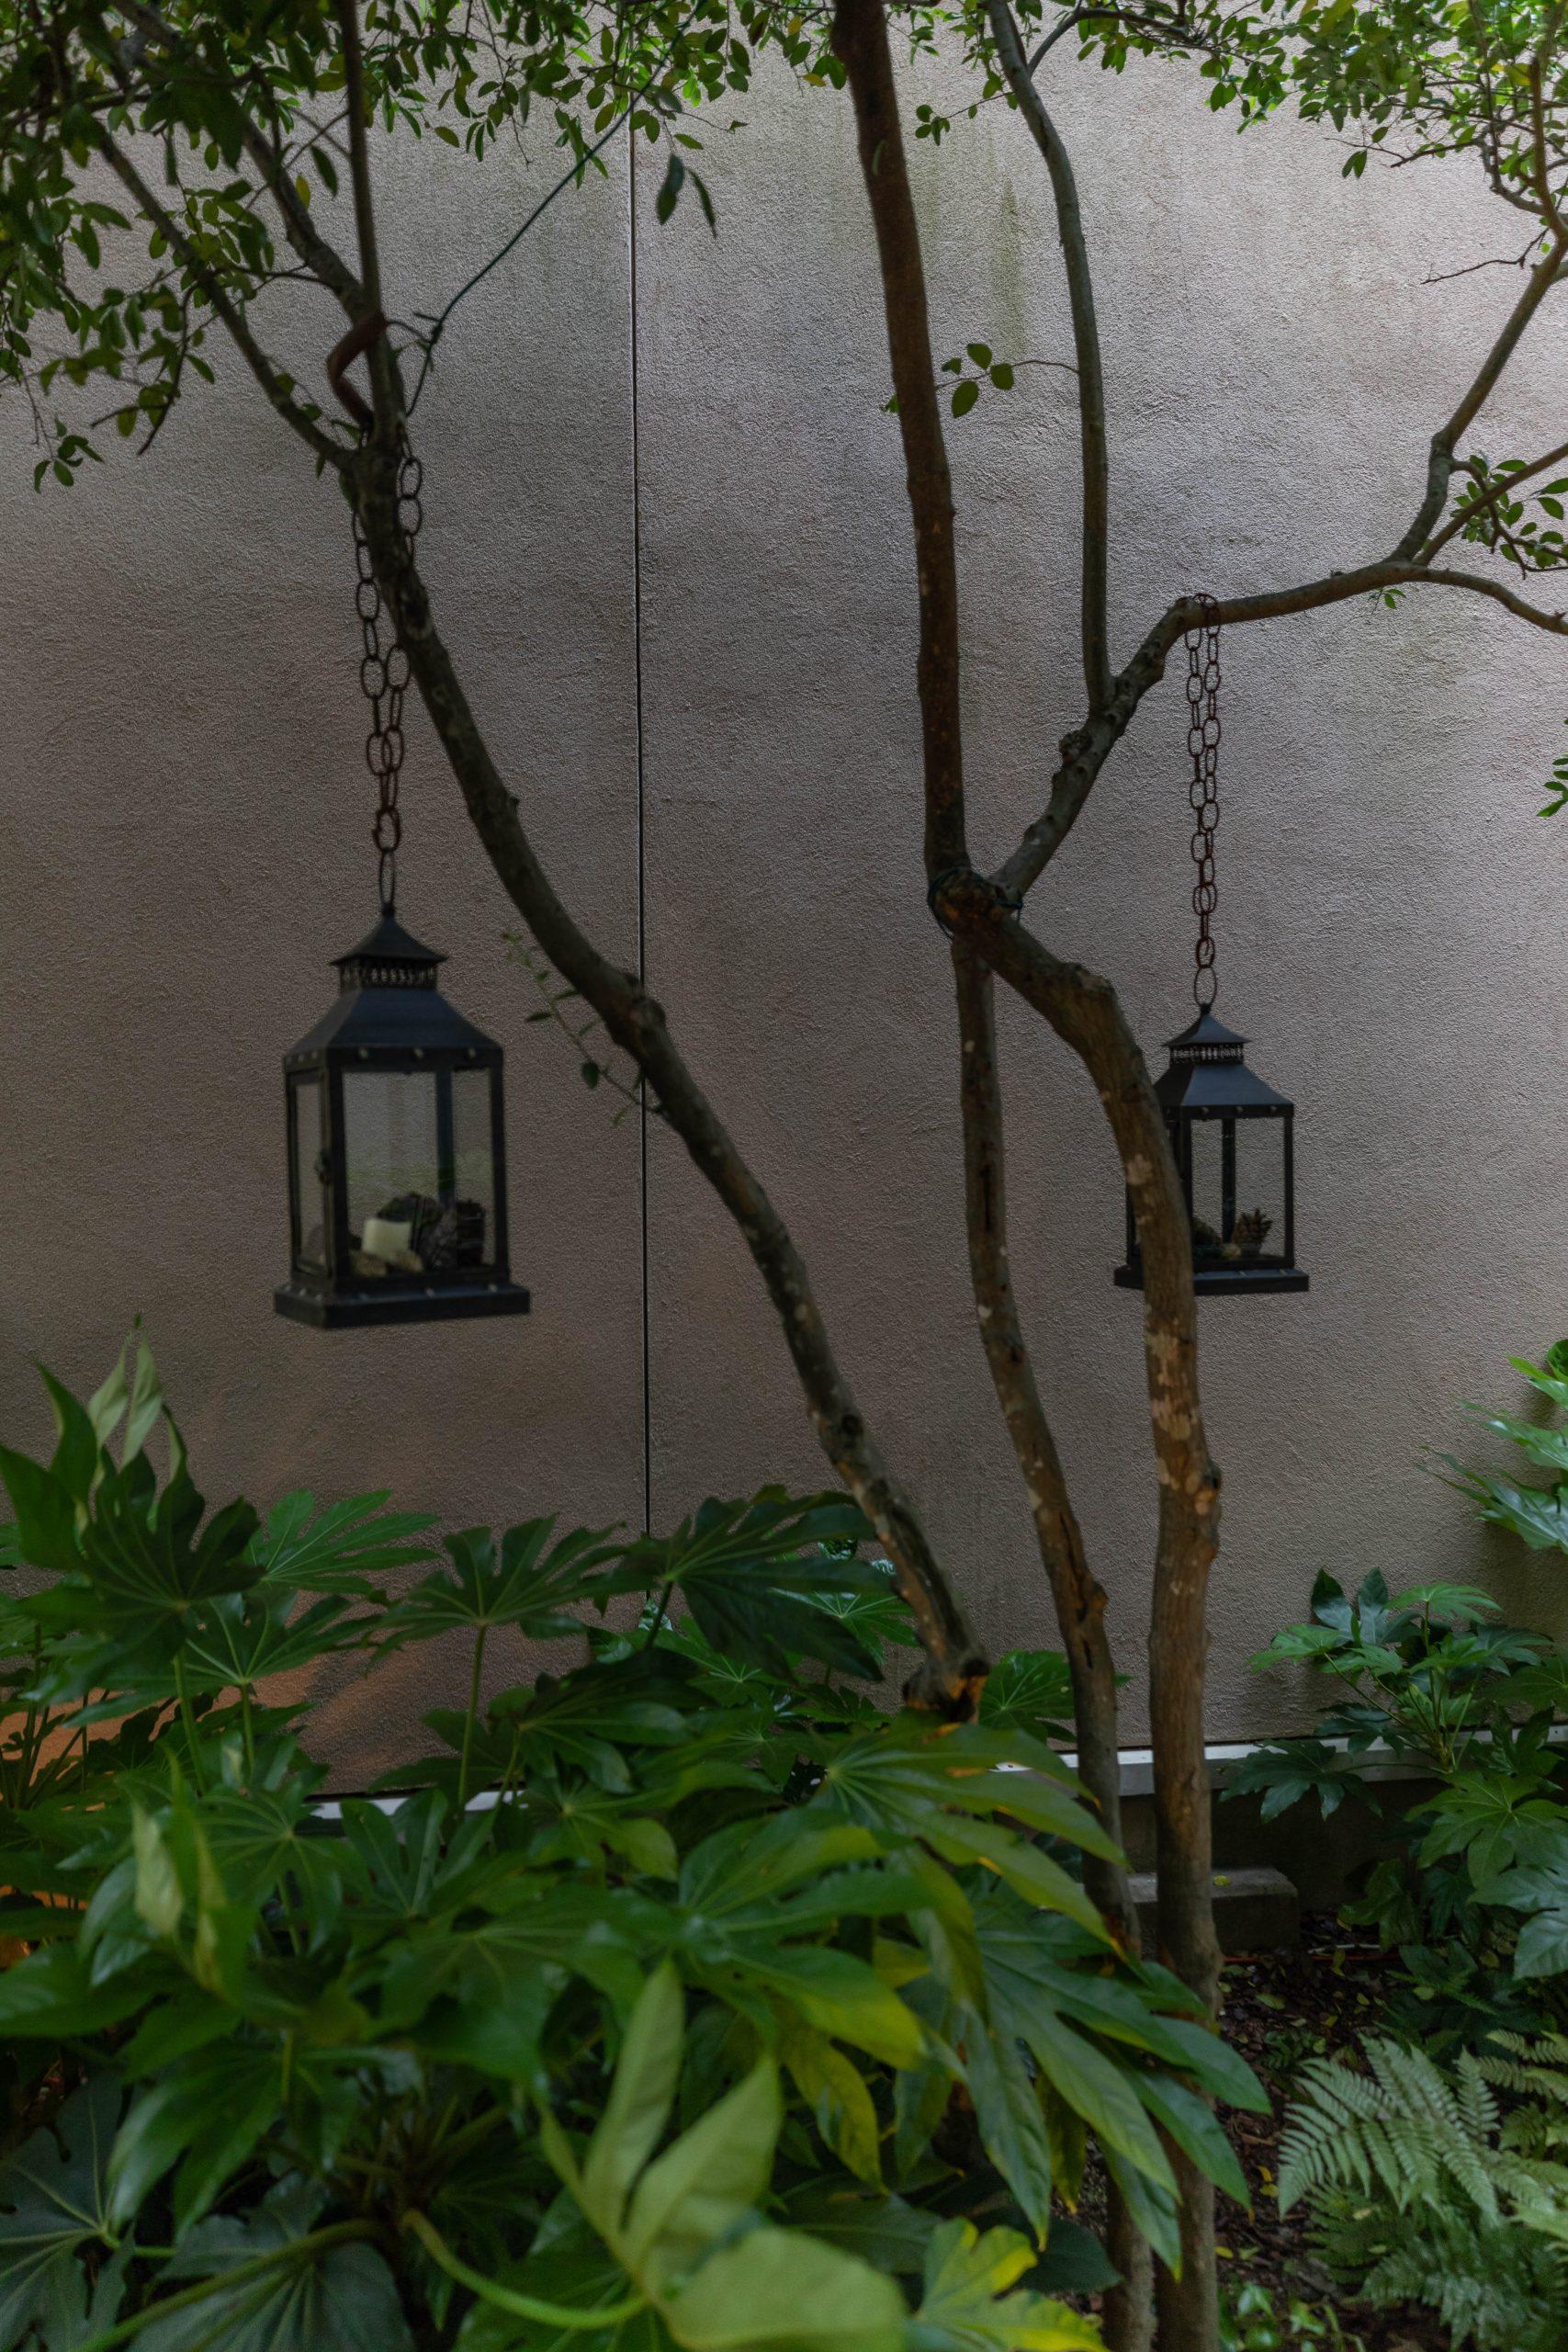 Black Iron Garden Lanterns in Charleston South Carolina by Annie Fairfax